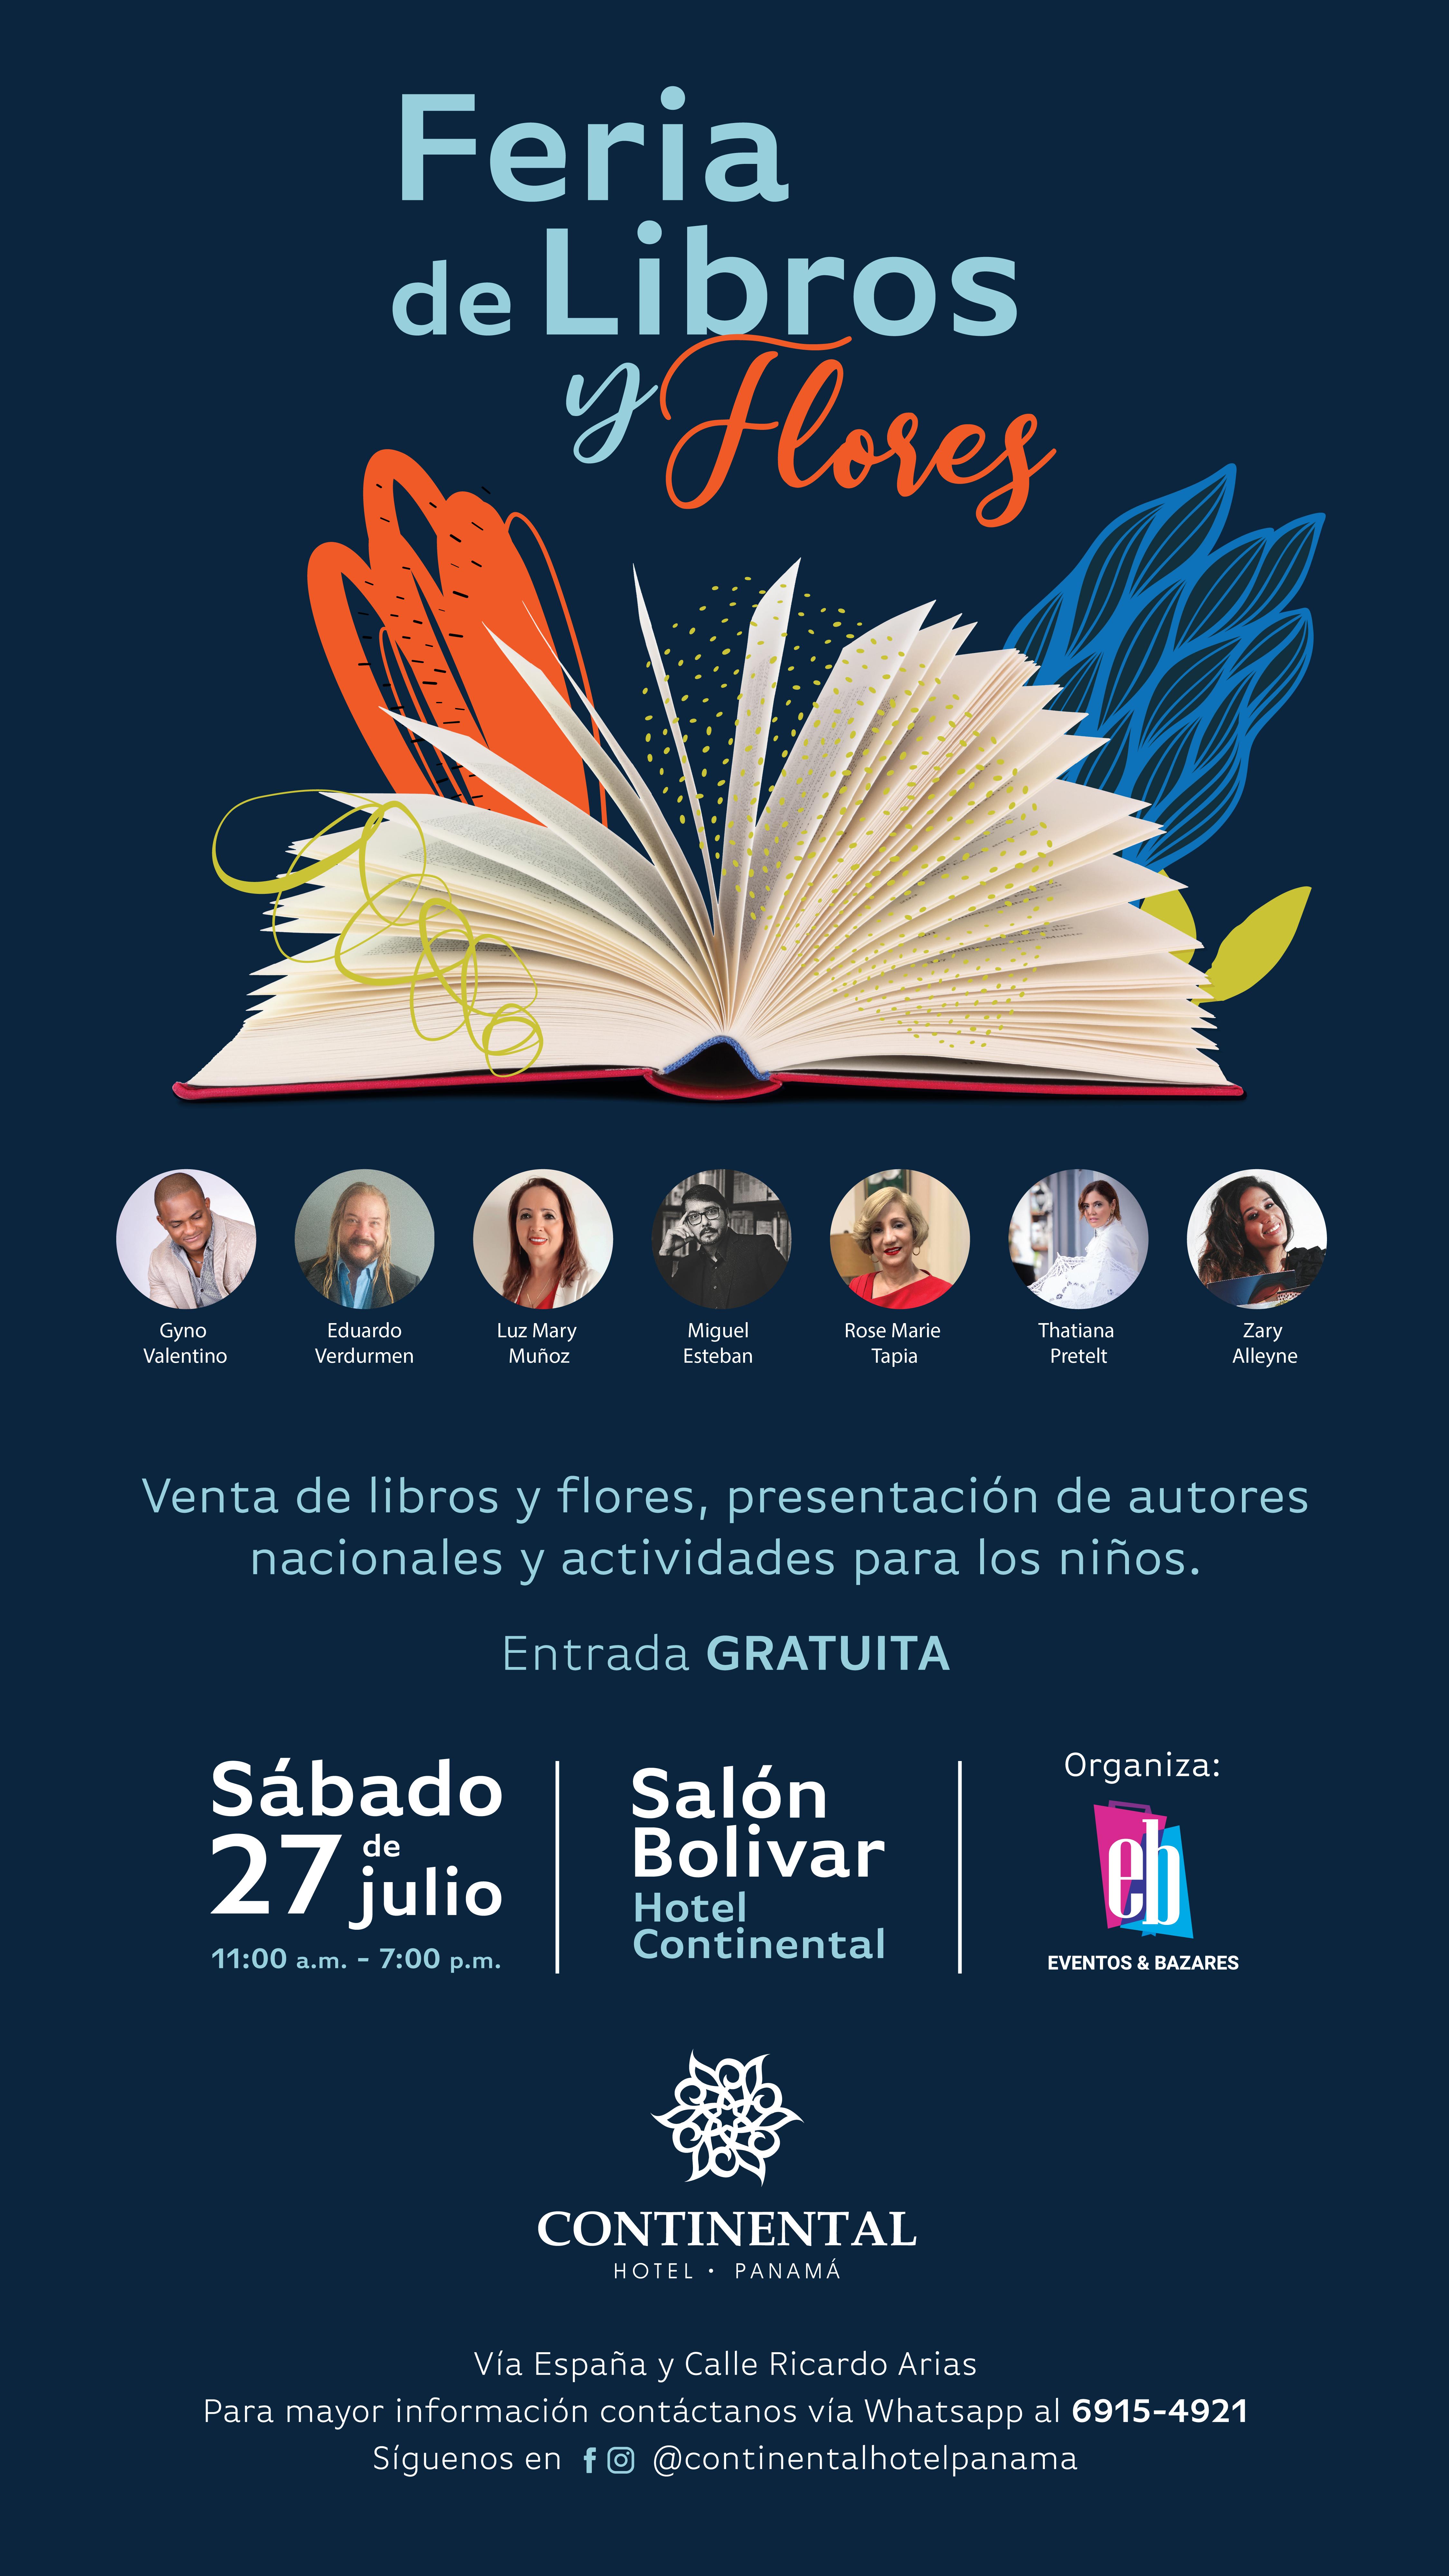 Photo of Panamá presenta la 1era. Feria de libros y flores con acceso totalmente gratis